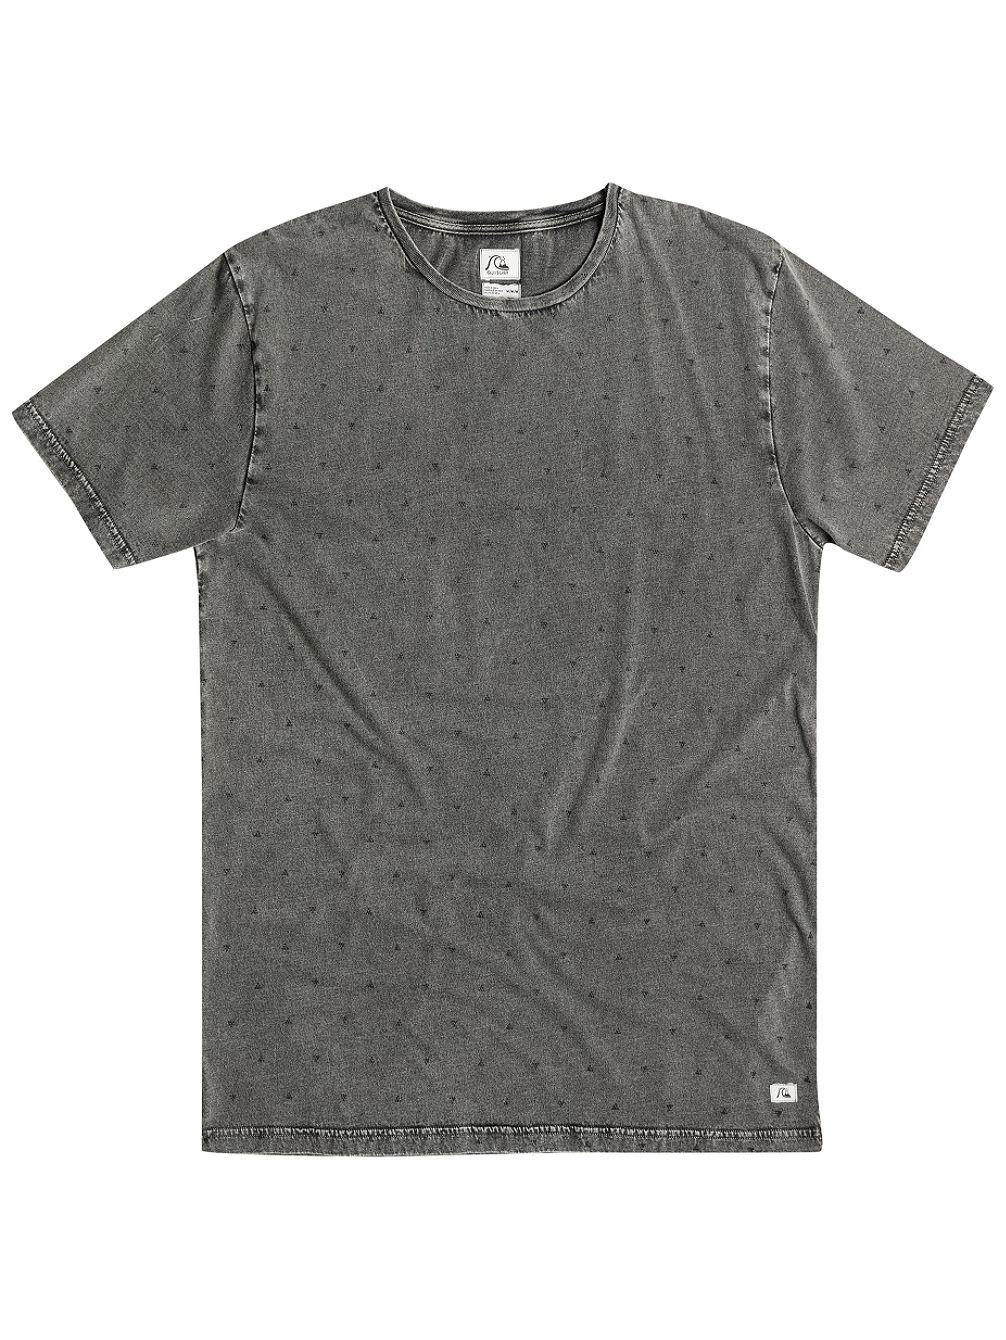 quiksilver-yard-sale-t-shirt